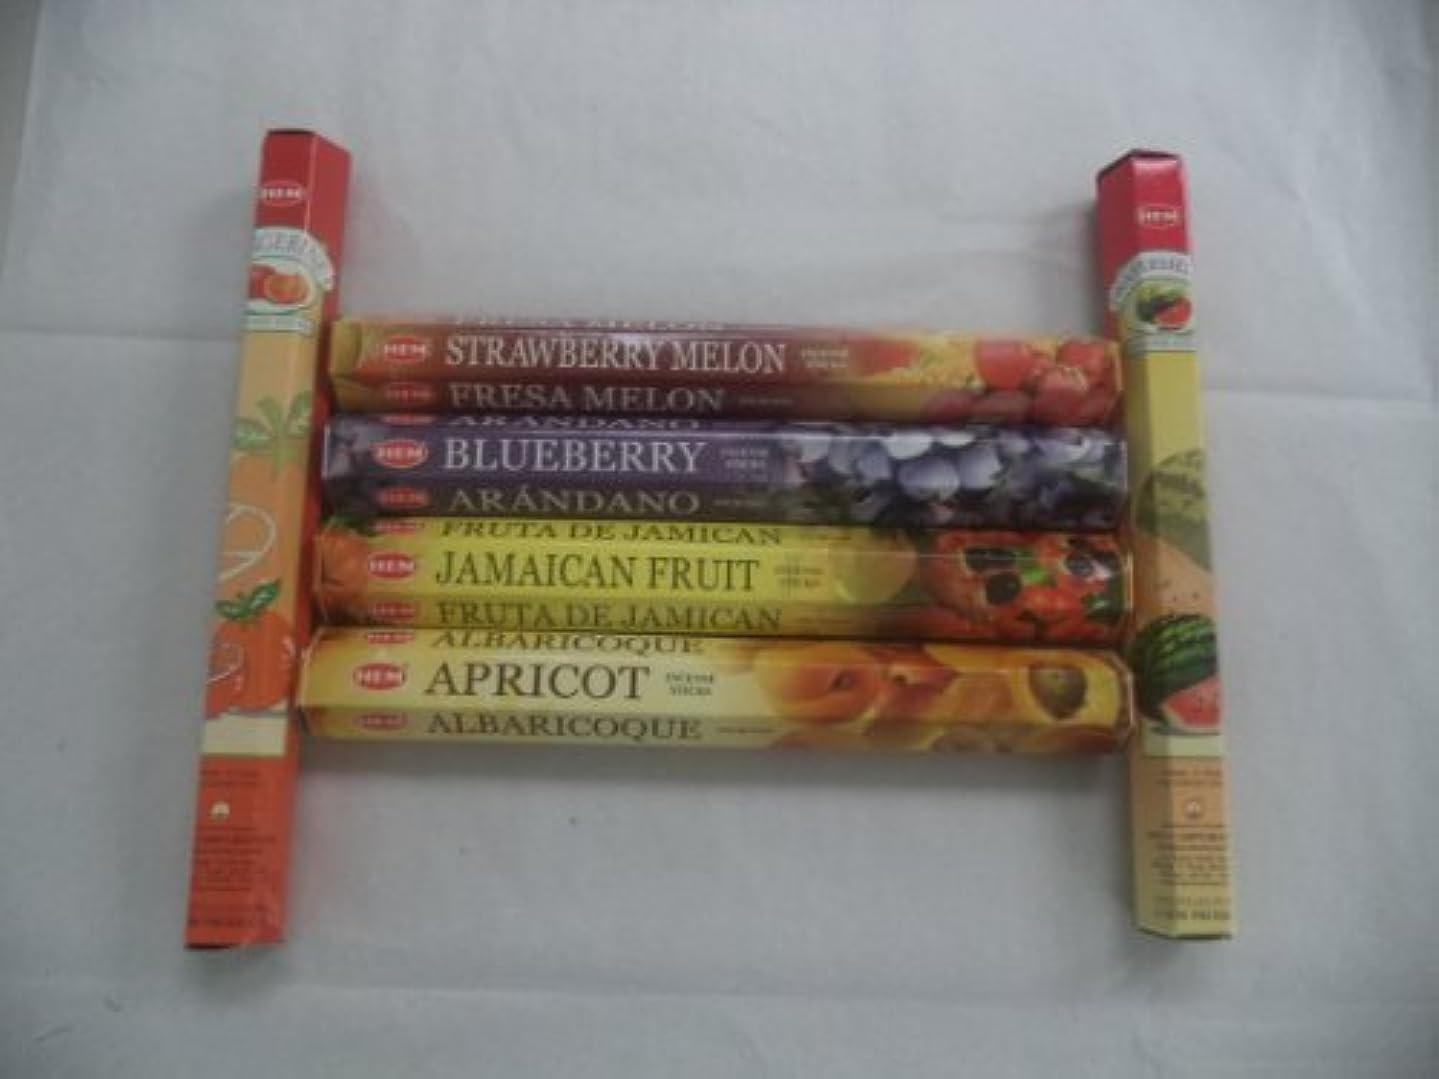 王位クリスチャン迷彩Hem Fruitさまざまなお香セット6 x 20 = 120 Sticksさまざまなギフトパック